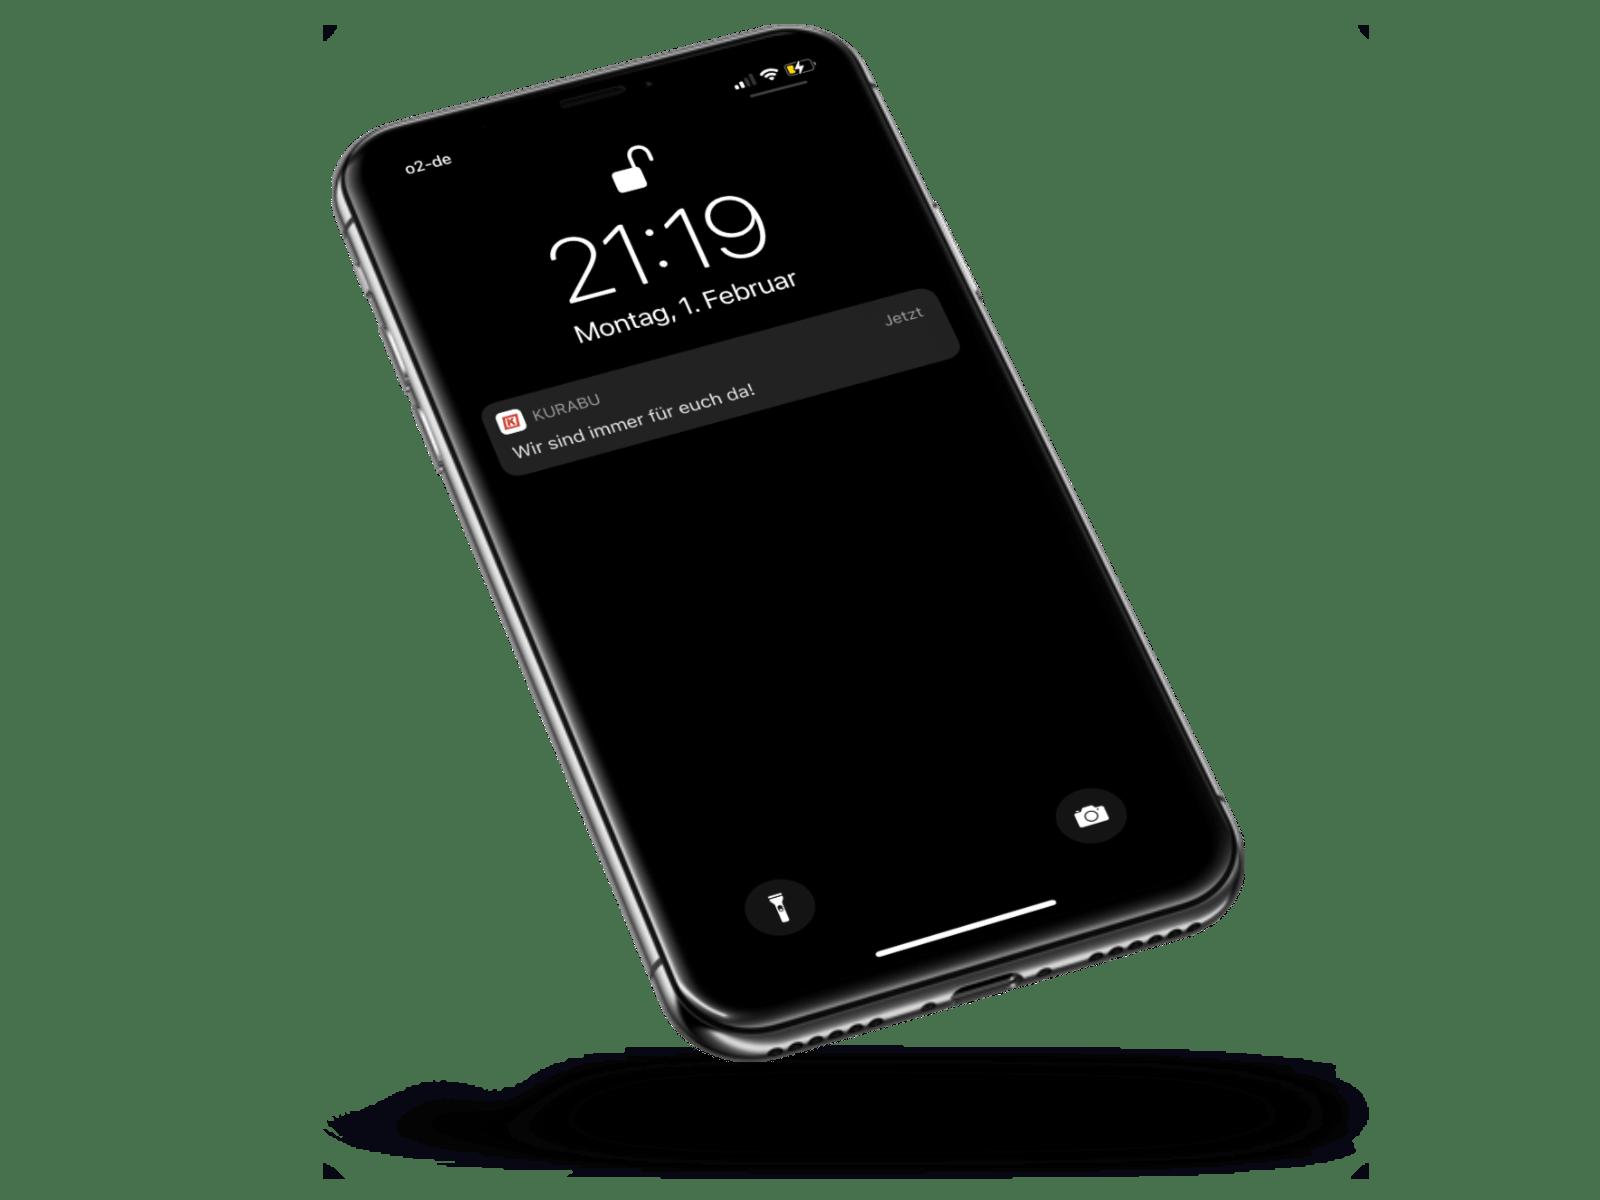 Ein Handy zeigt in gesperrtem Zustand an, dass eine neue Nachricht von der Vereinsapp erhalten wurde.